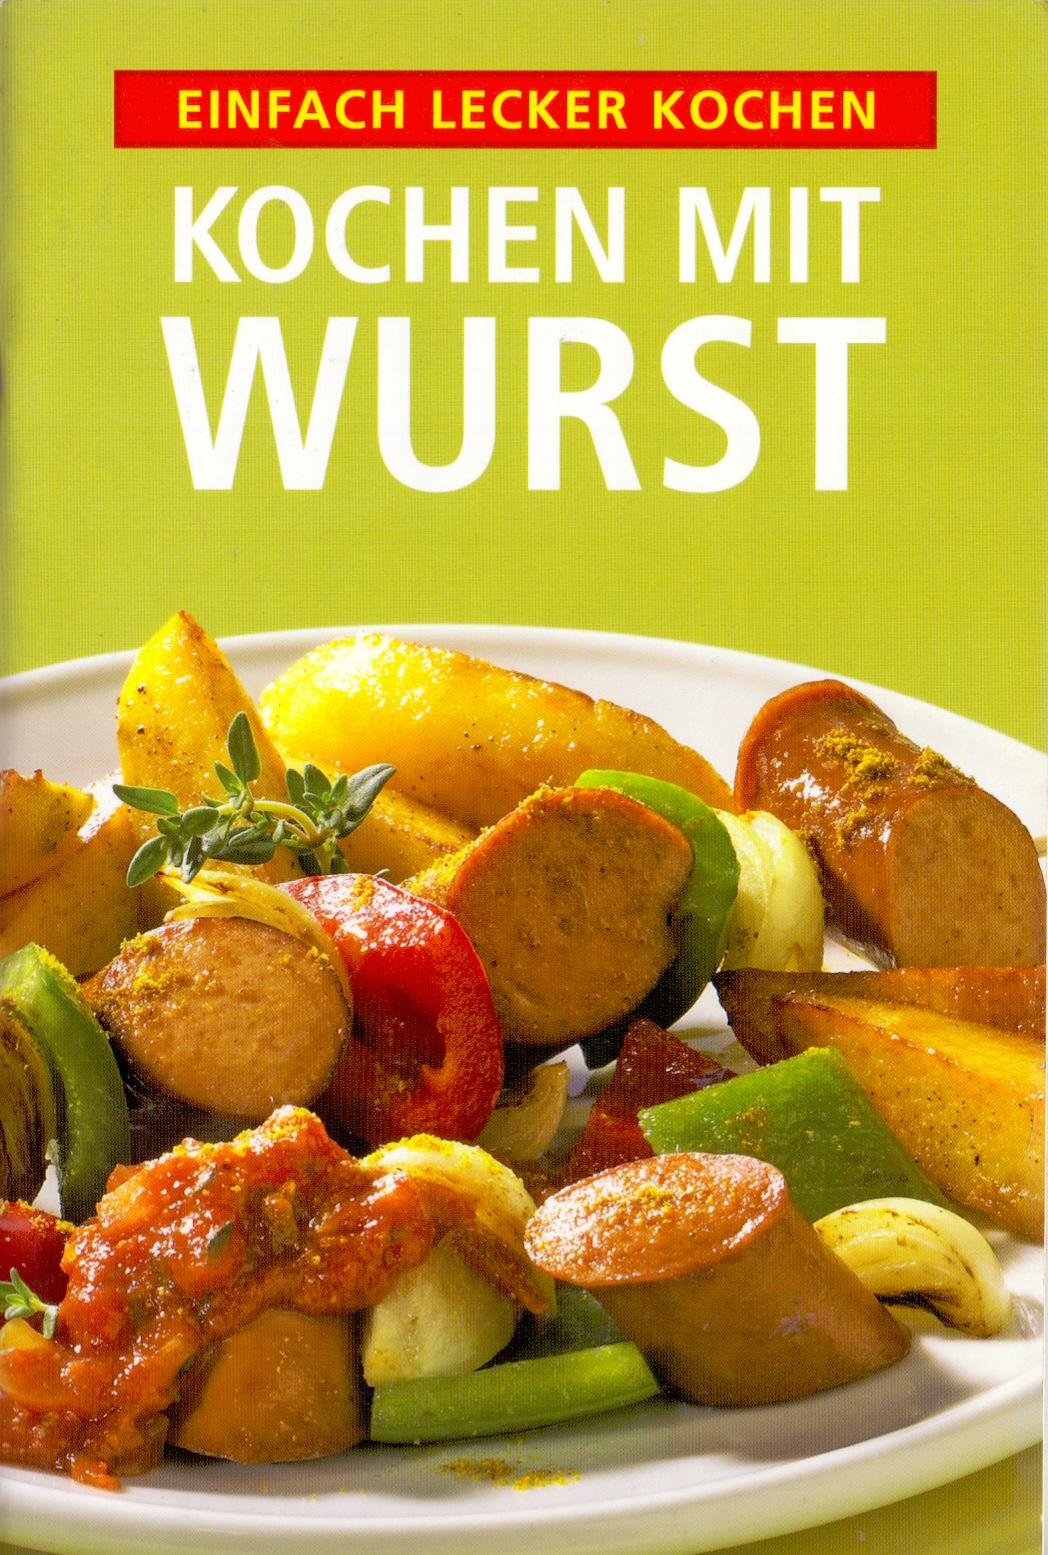 Einfach lecker Kochen: Kochen mit Wurst [Brosch...